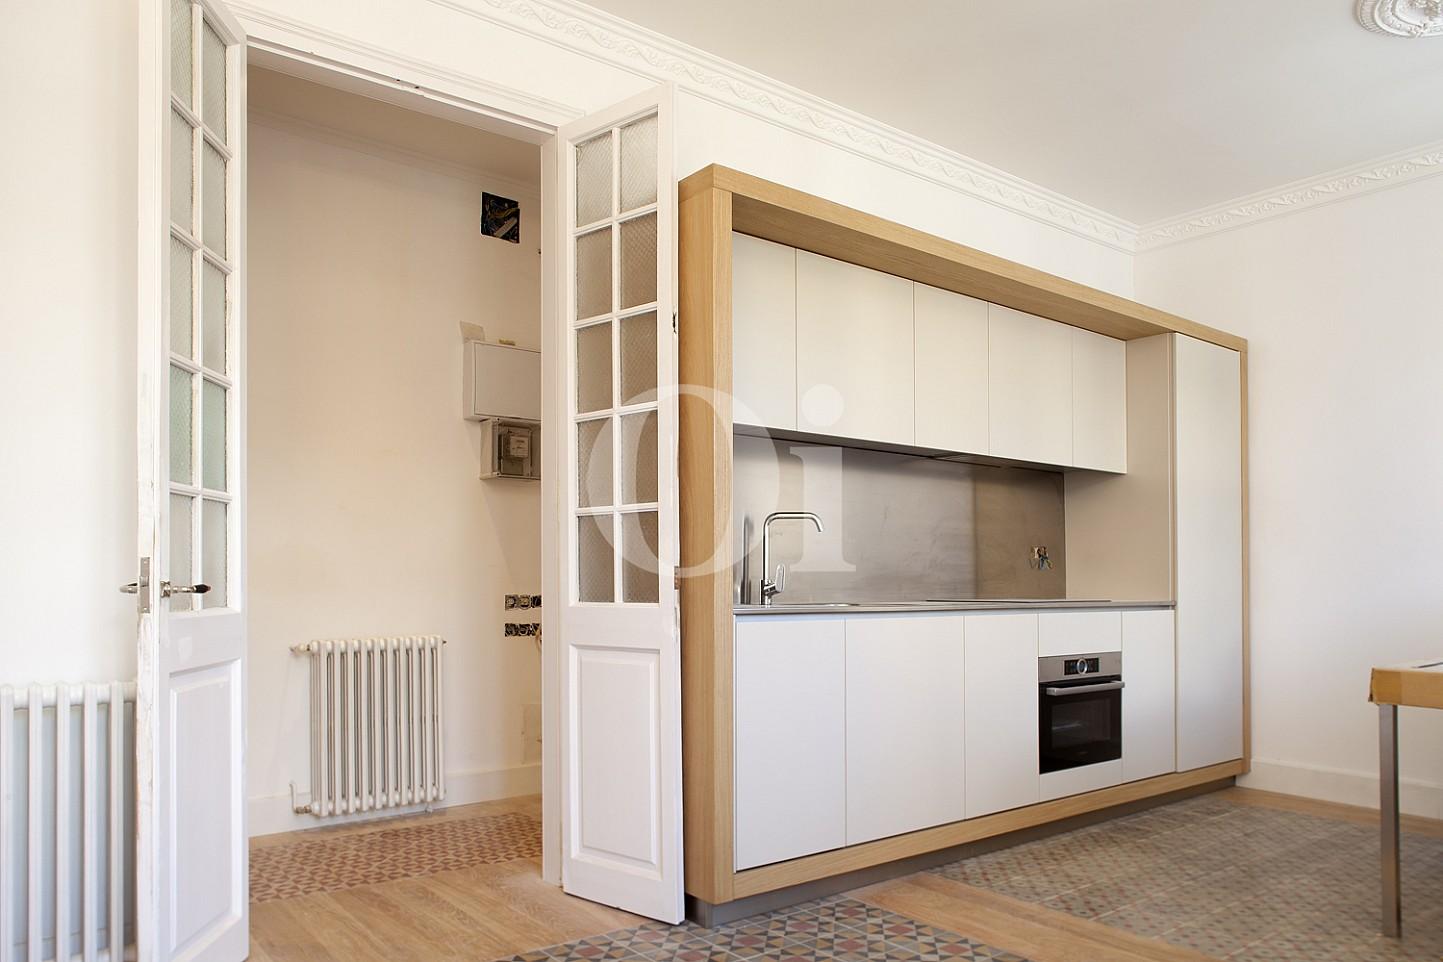 Встроенная кухня квартиры в Эшампле Дрета